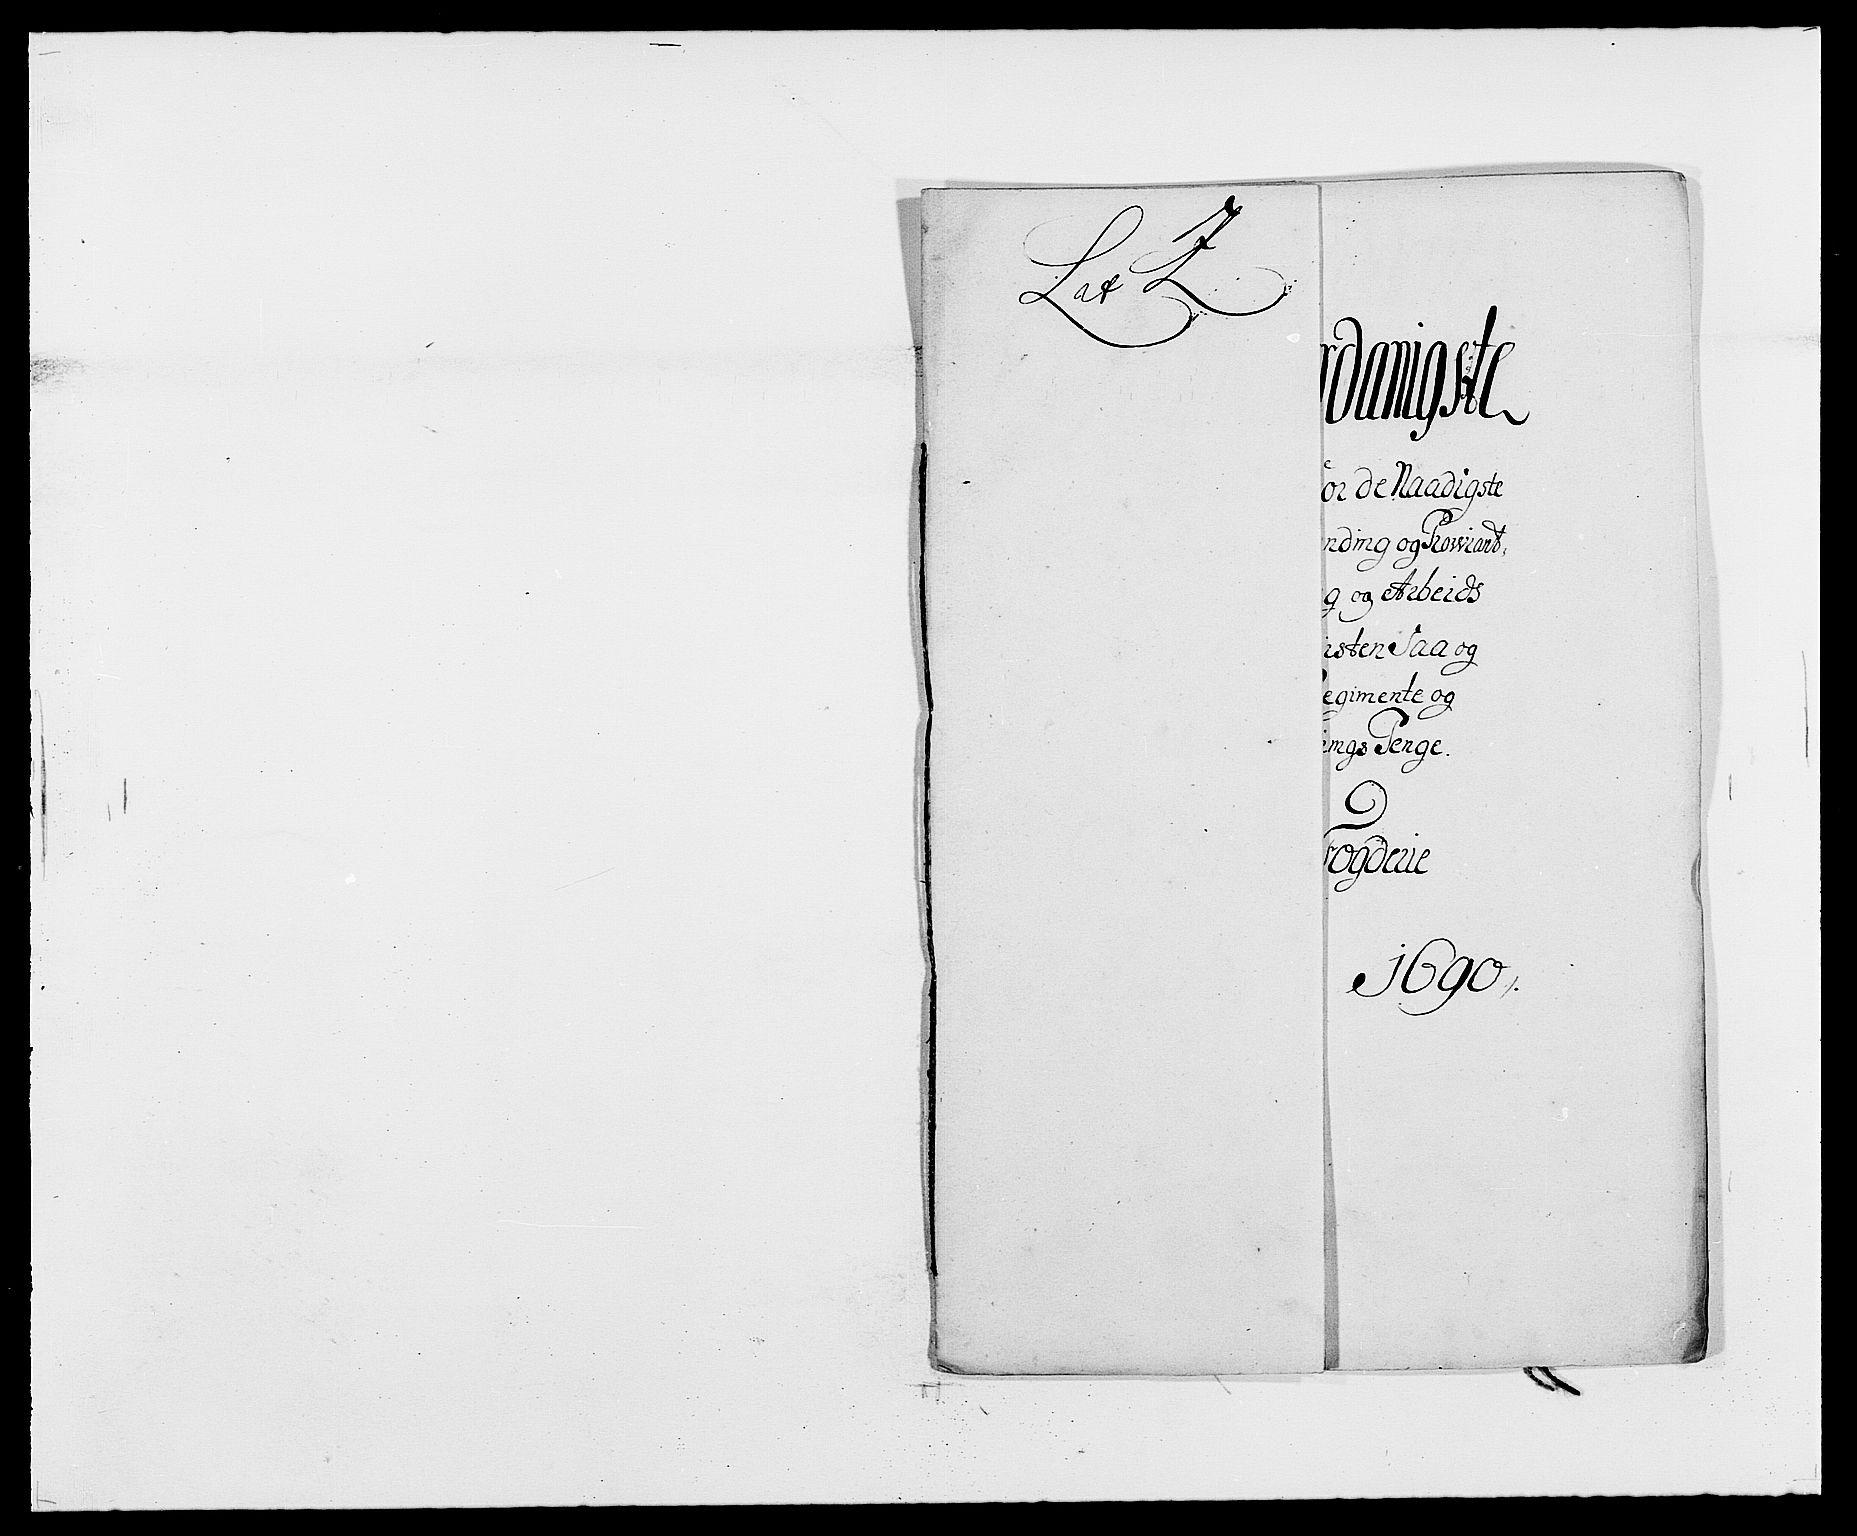 RA, Rentekammeret inntil 1814, Reviderte regnskaper, Fogderegnskap, R34/L2051: Fogderegnskap Bamble, 1688-1691, s. 34